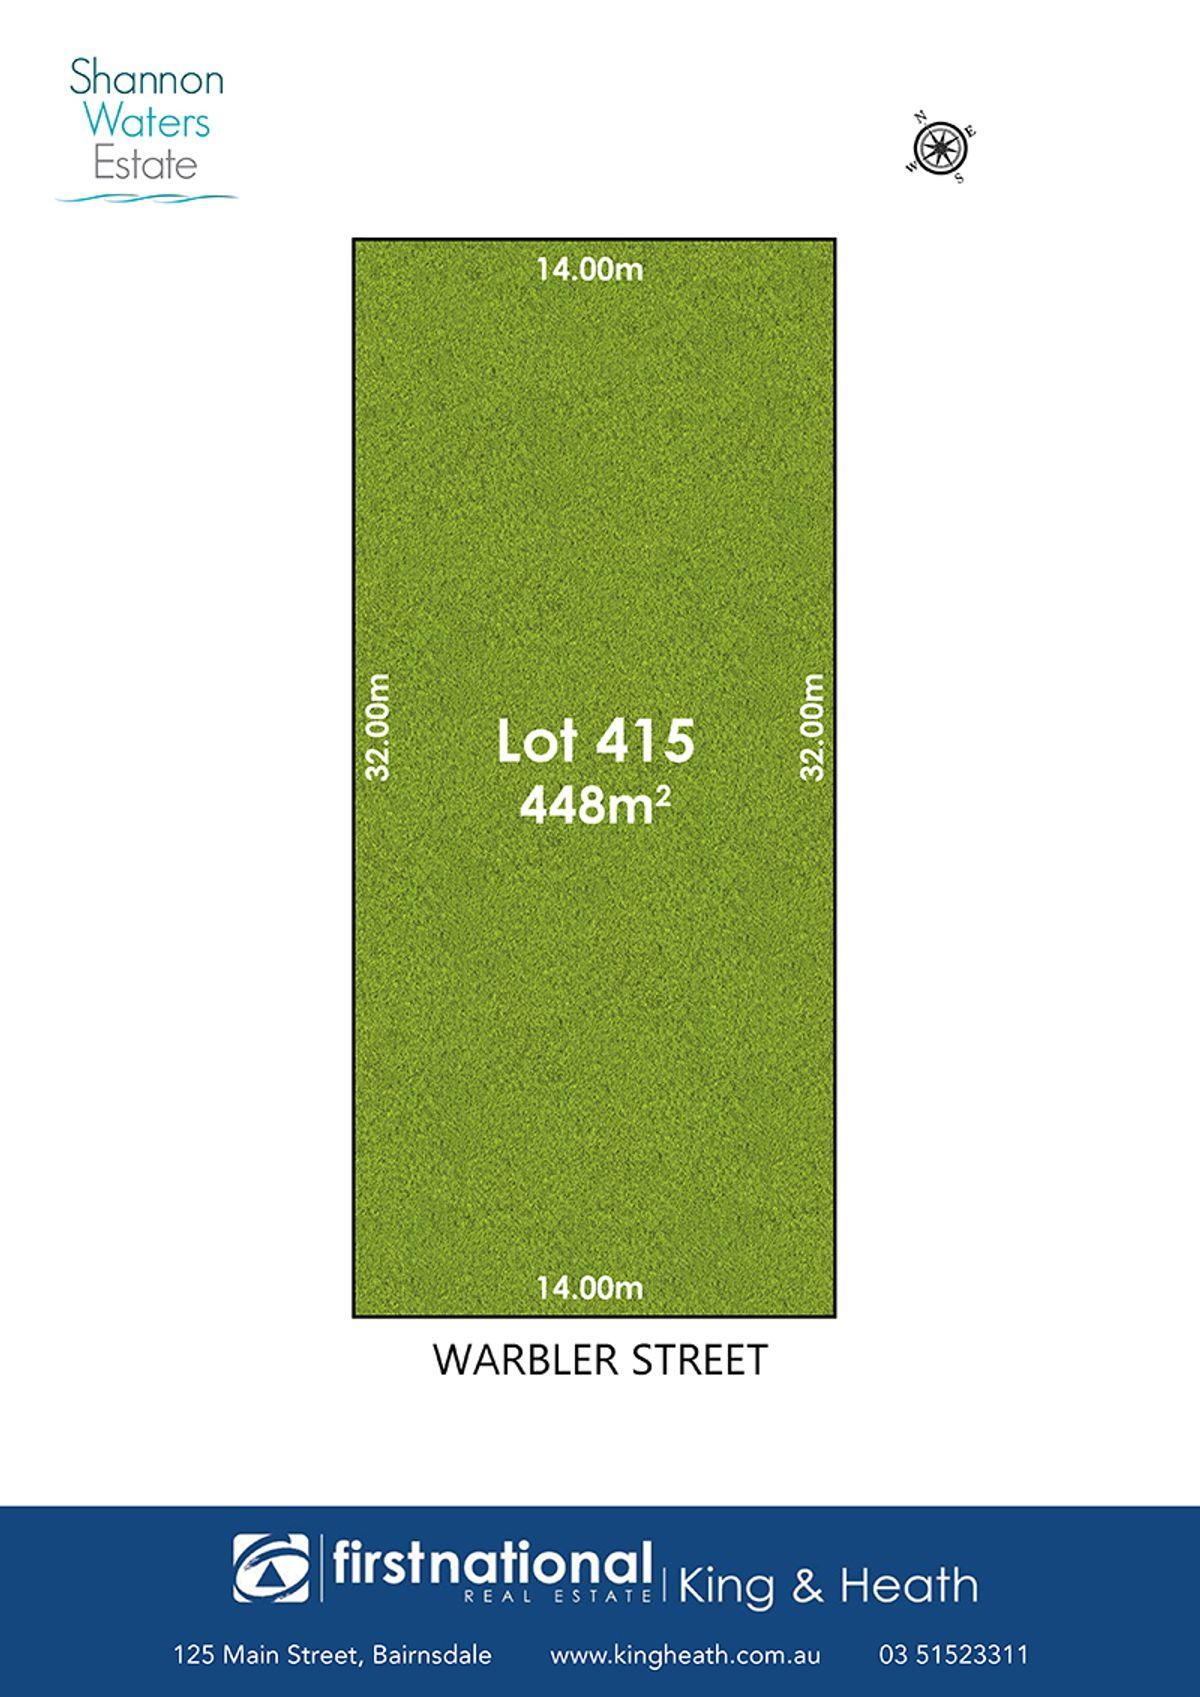 Lot 415 Warbler Street, Bairnsdale, VIC 3875